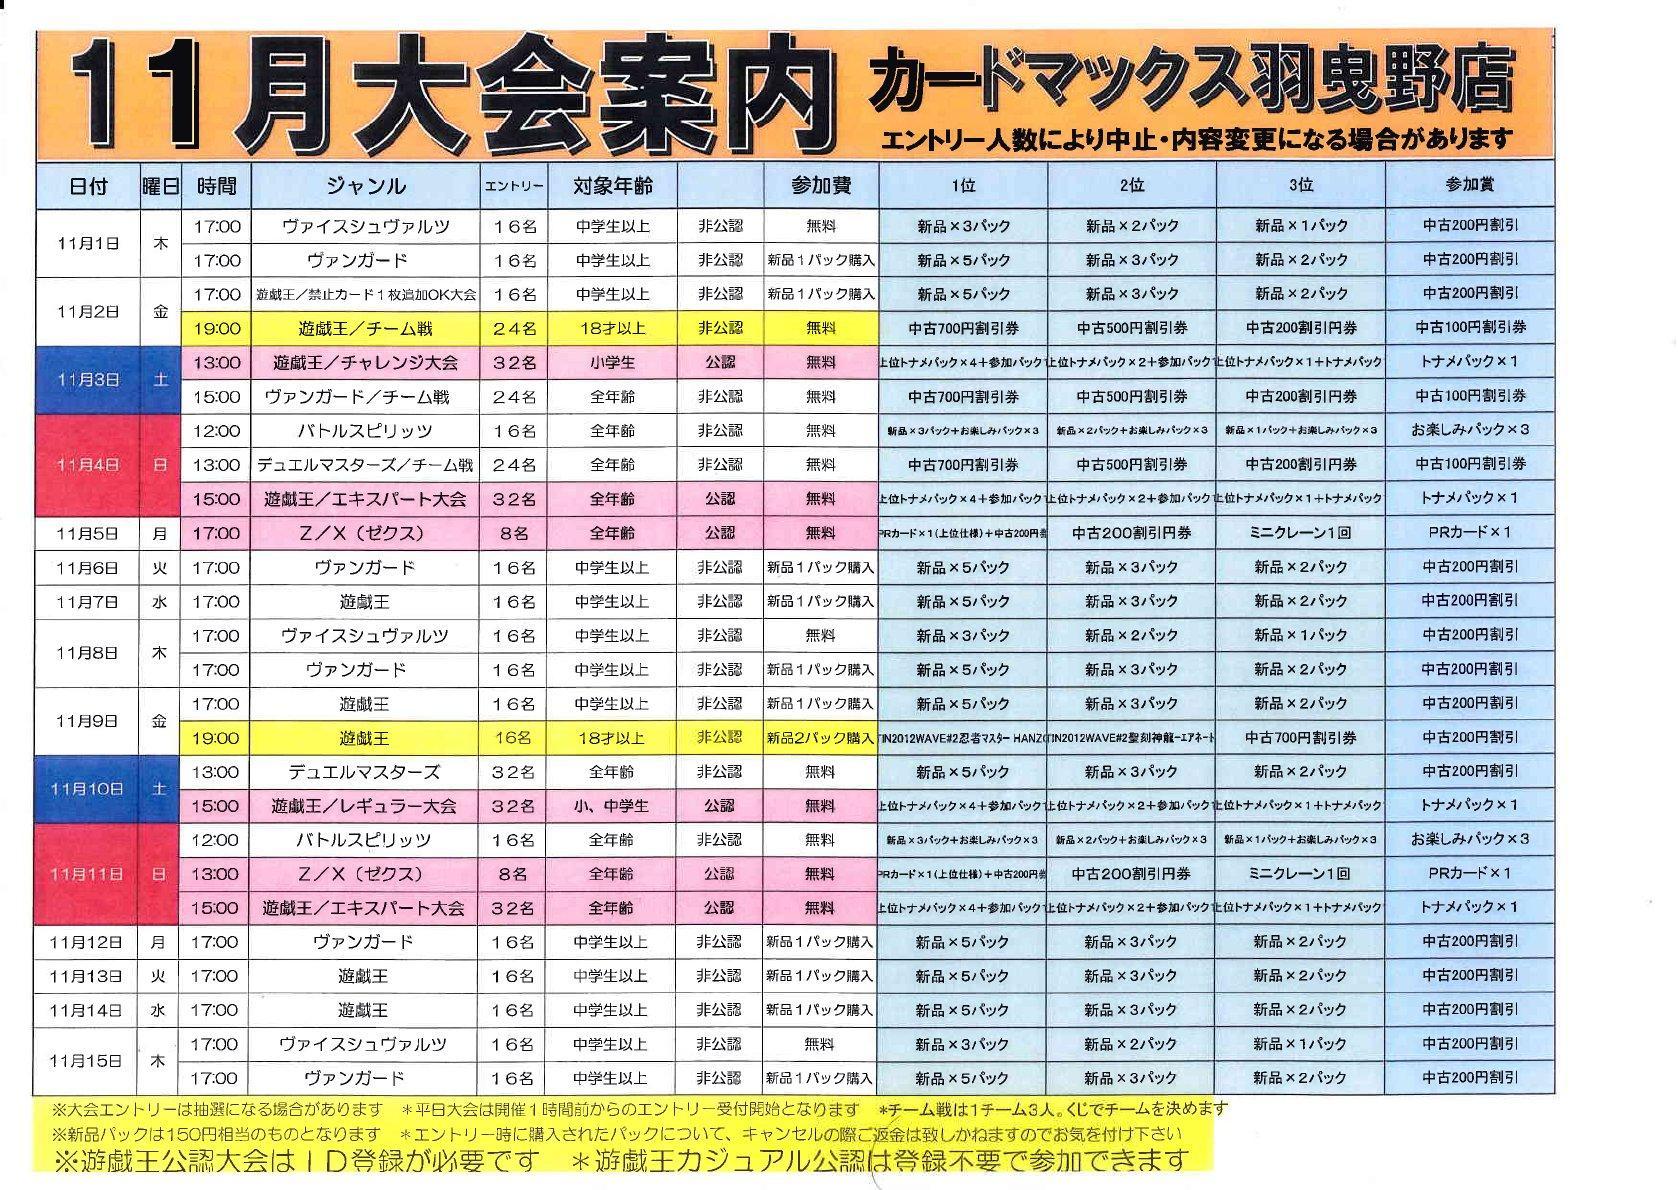 【羽曳野店】 11月前半の大会情報_d0259027_11241195.jpg